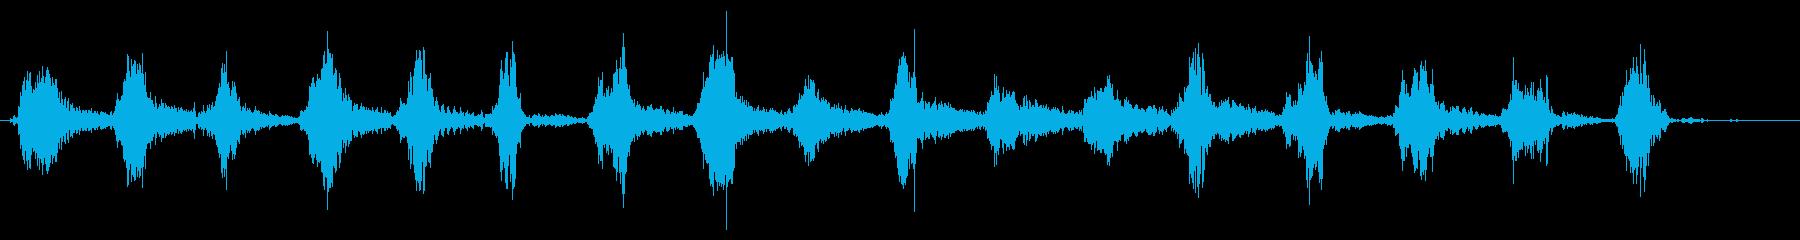 メタルリーフレーキの再生済みの波形